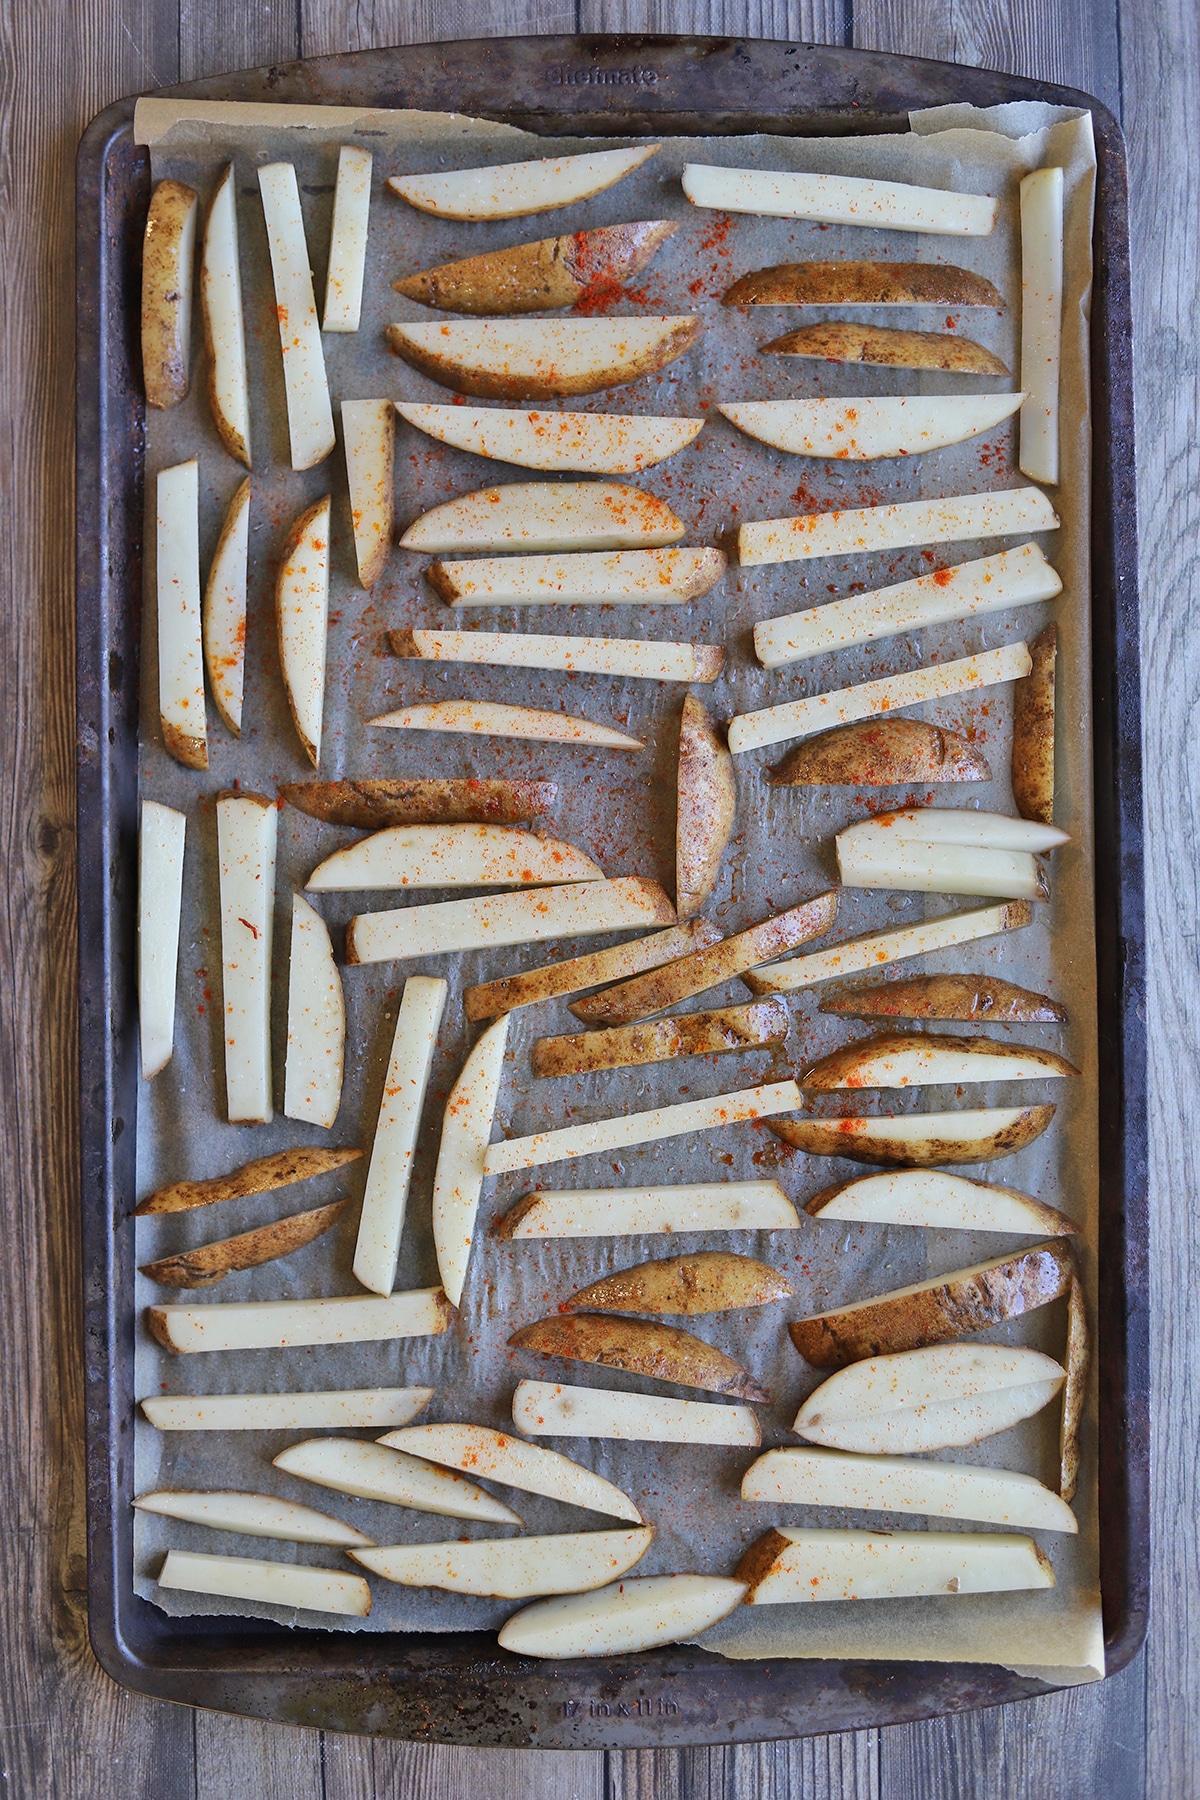 Sticks of potato laying on baking sheet.